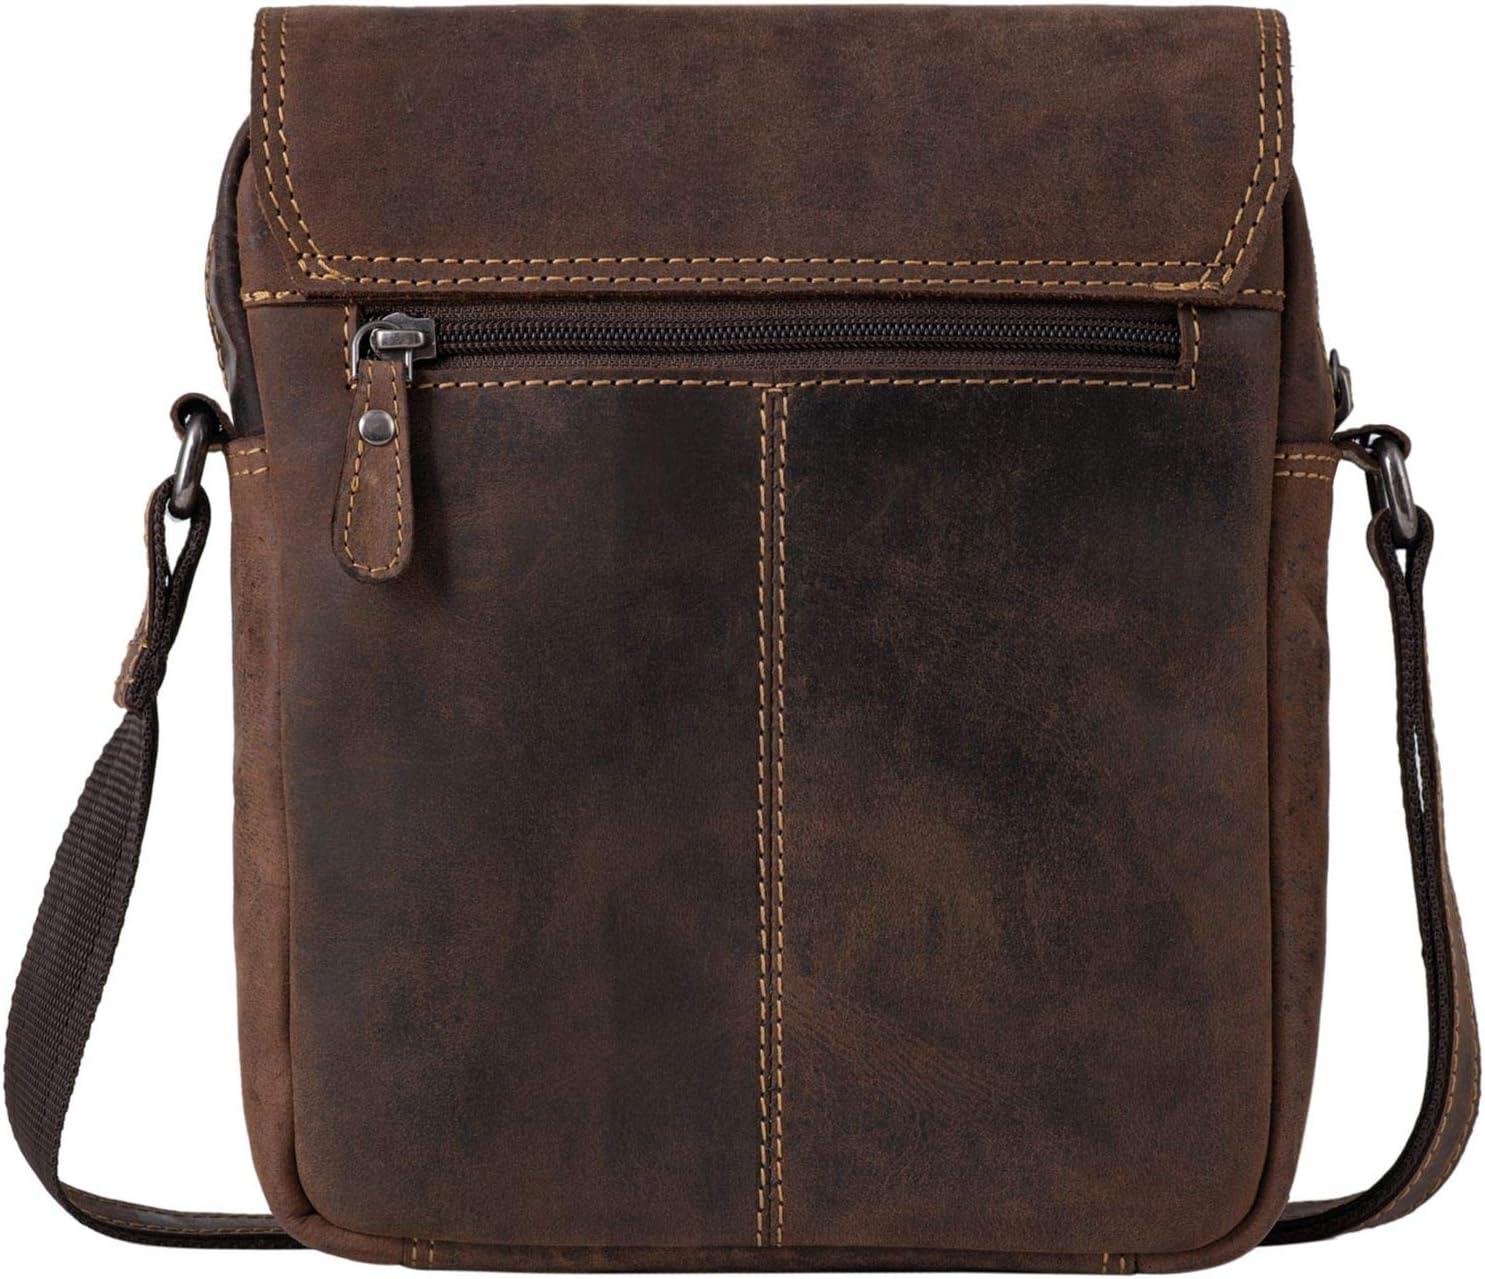 Couleur:Milano Marron STILORD Martinez Sacoche Vintage Cuir Homme Sac /à Bandouli/ère Petit pour iPad 9.7 Sac Messager Messenger Bag Besace en Cuir v/éritable